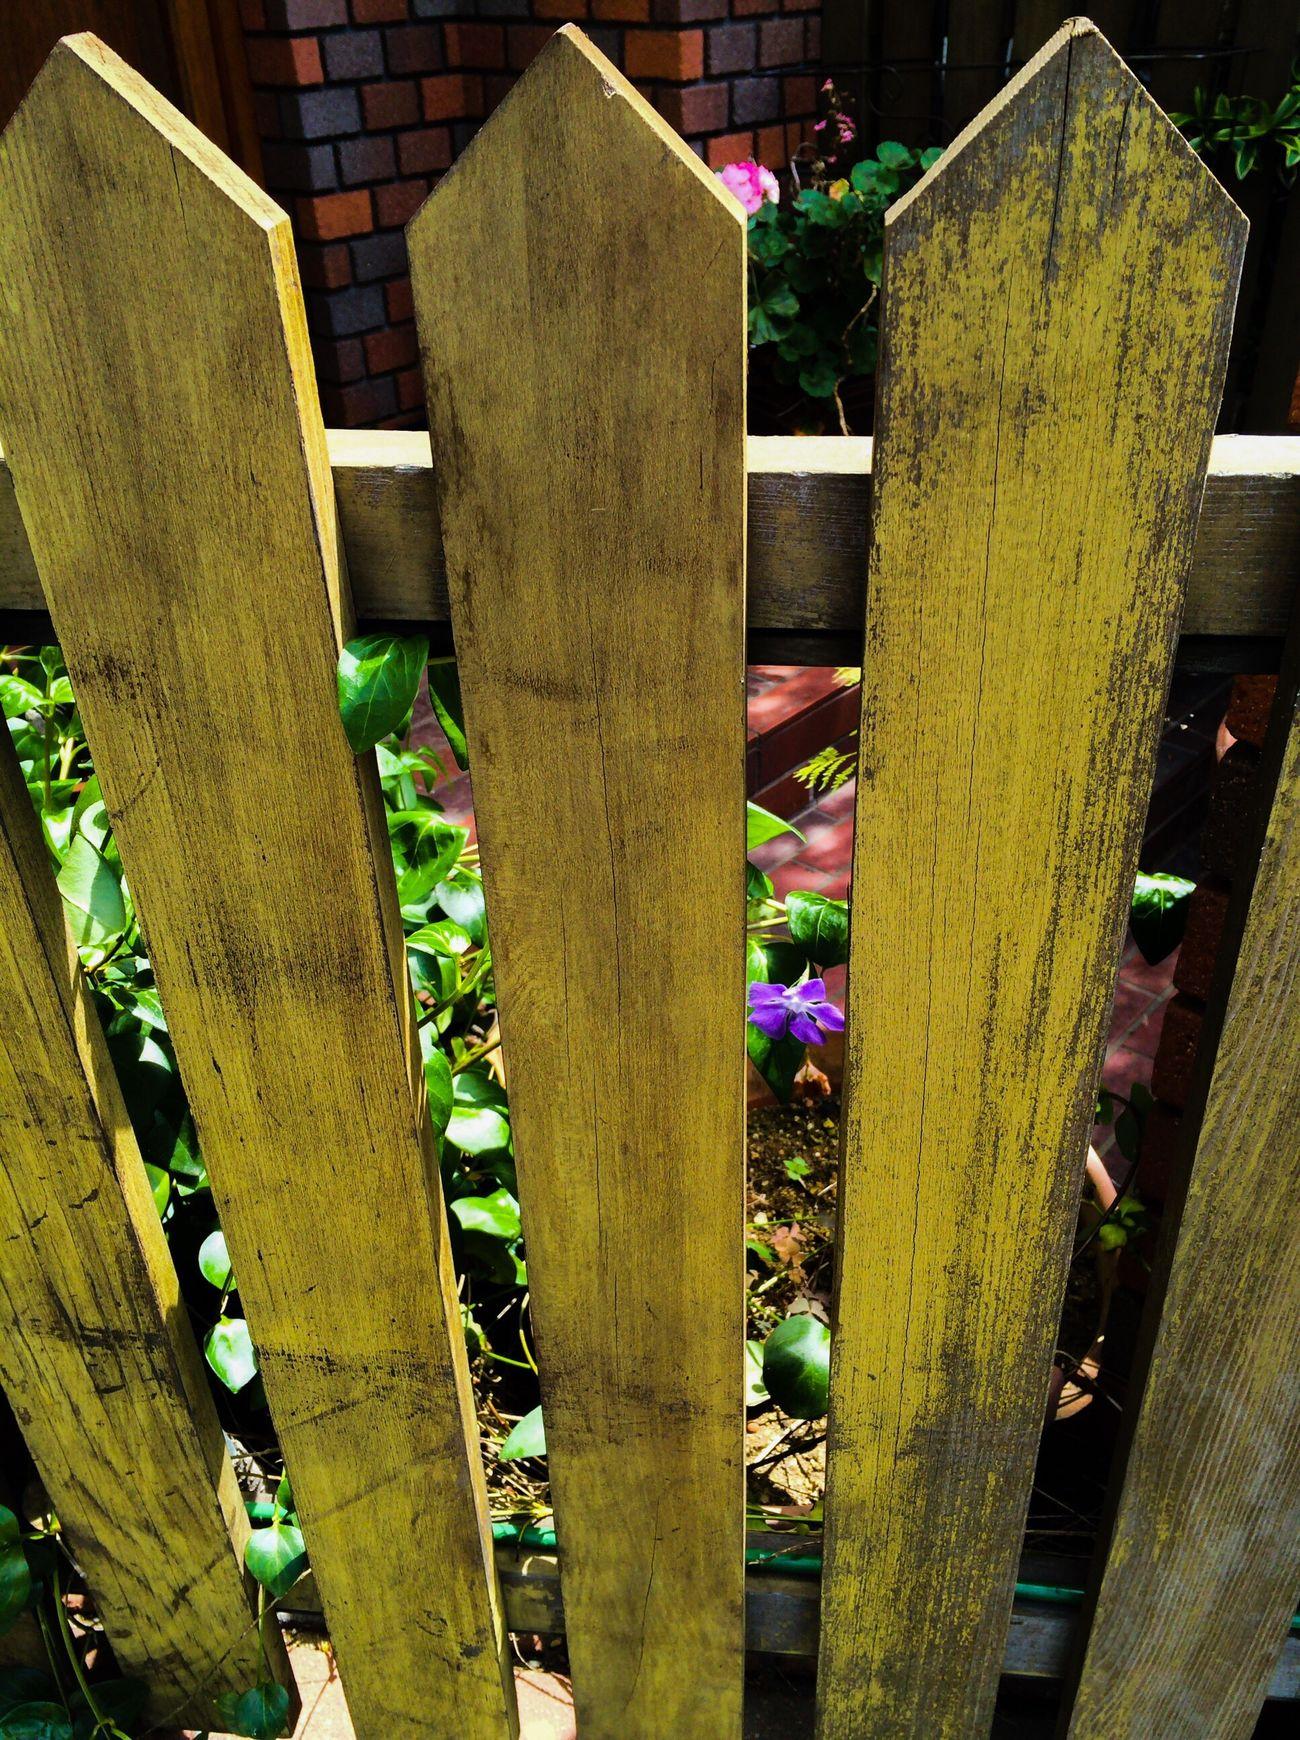 柵 Streetphotography Afternoonphotography Barrier